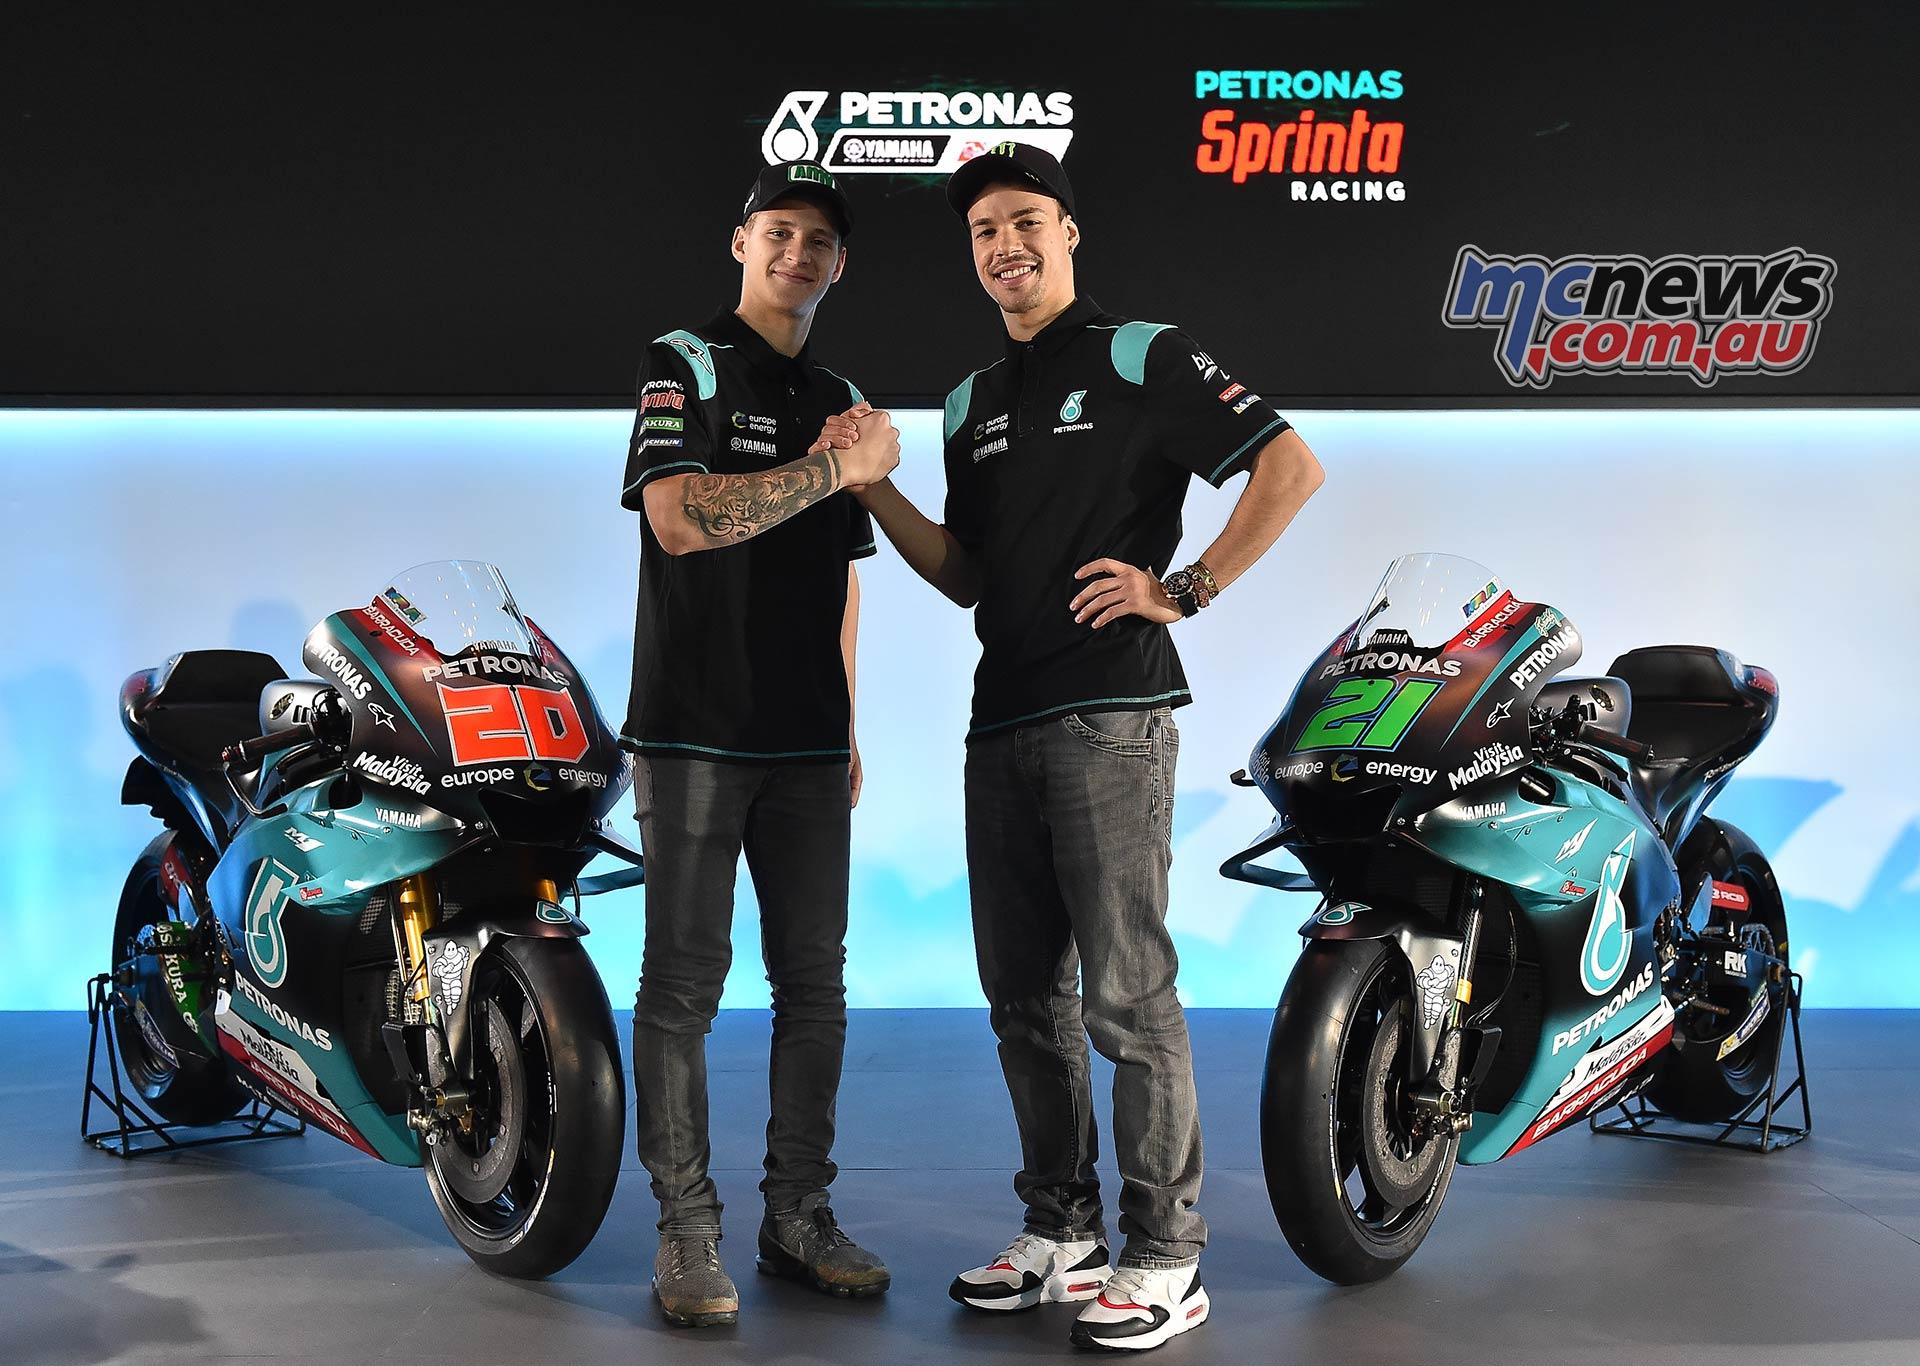 Petronas Launch MotoGP Quartararo Morbidelli